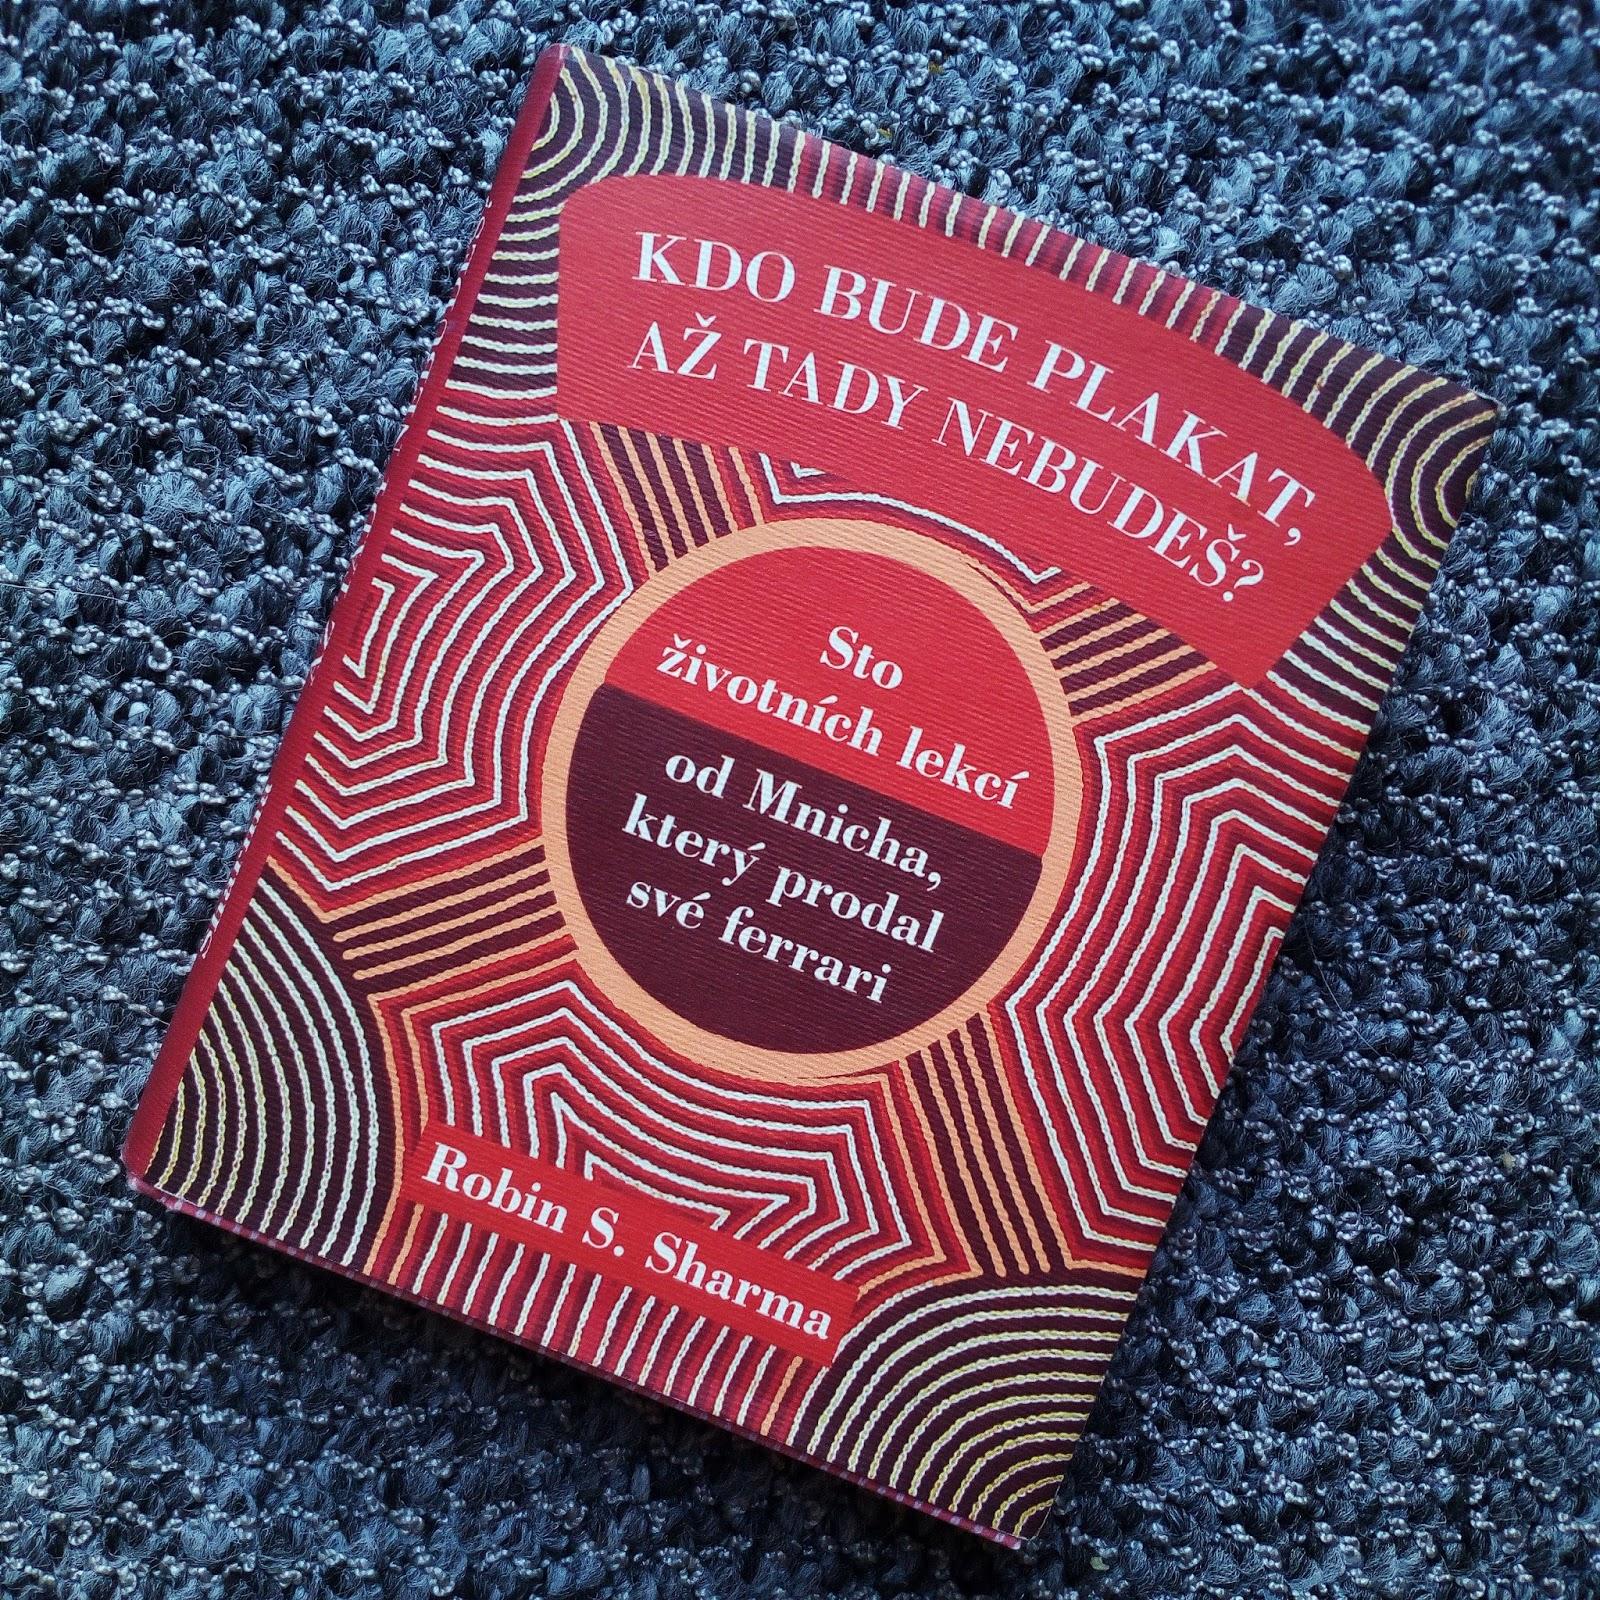 Robin S. Sharma - kniha Kdo bude plakat až tady nebudeš - sto životních lekcí od mnicha, který prodal své ferrari